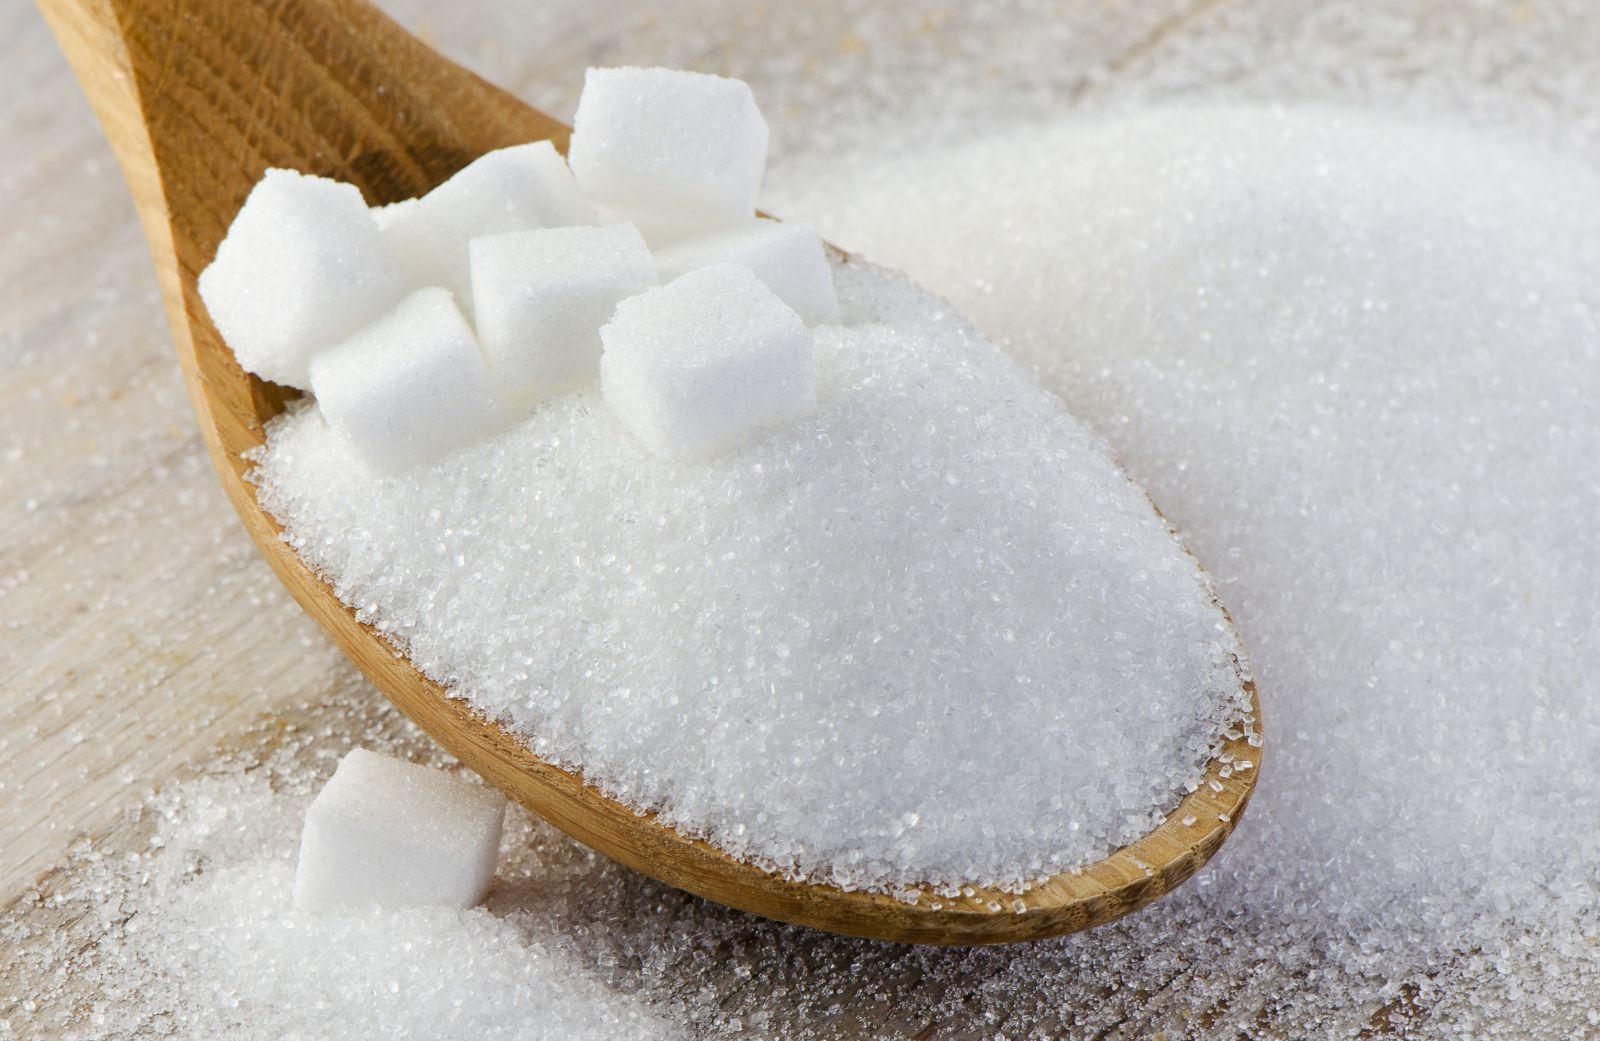 Полезные сведения о сахарном песке: калорийность, польза и вред